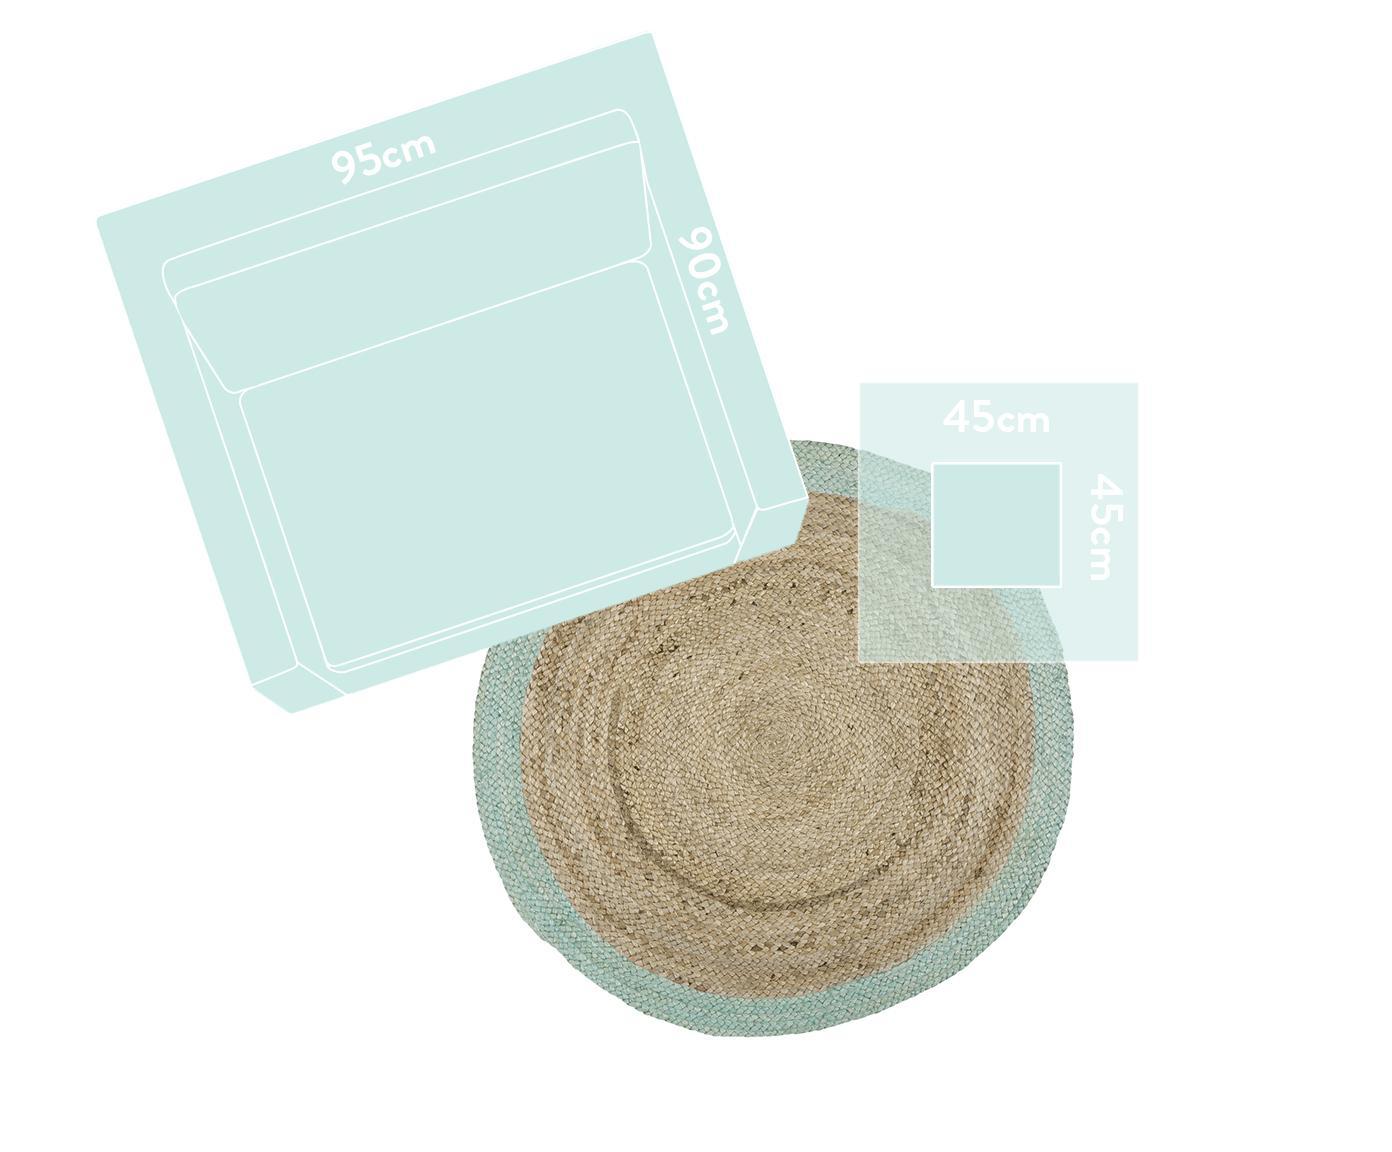 Rond juten vloerkleed Shanta, handgemaakt, Bovenzijde: jute, Onderzijde: jute, Jutekleurig, mintgroen, Ø 100 cm